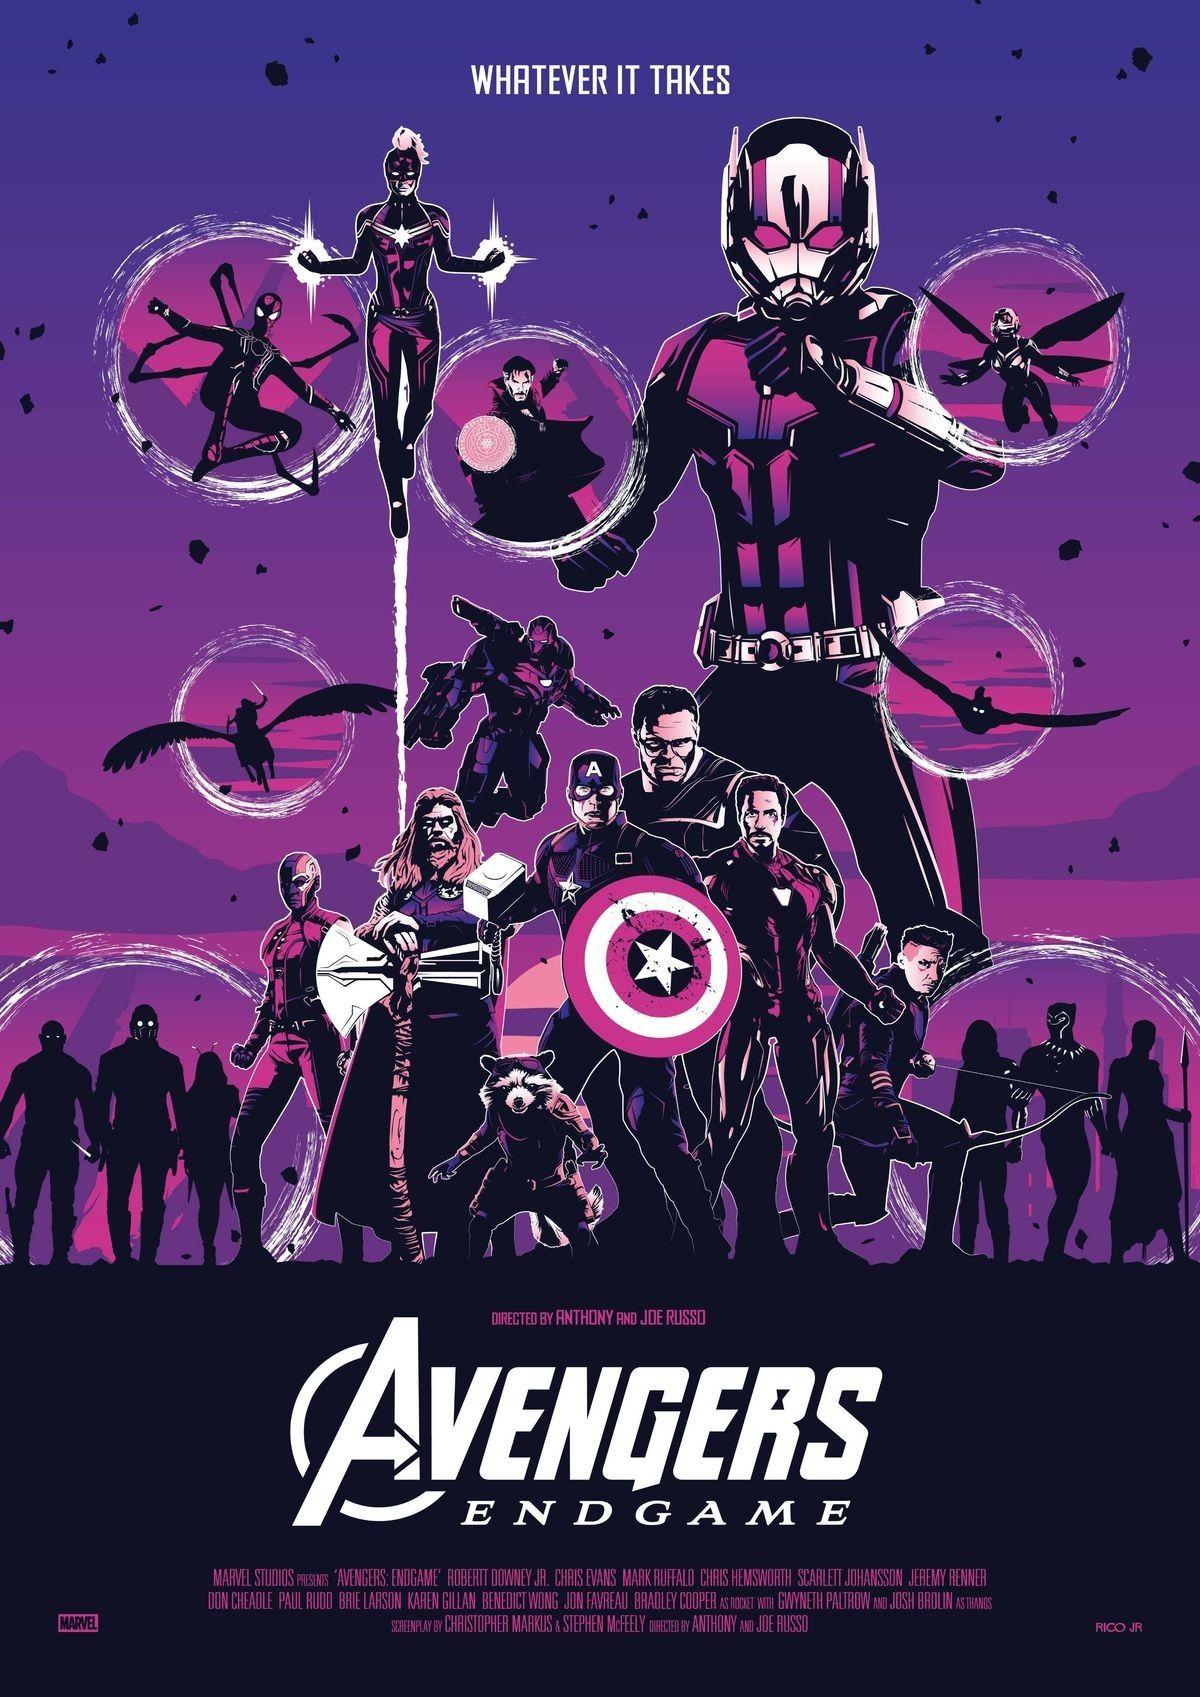 Avanger Endgame Avengers Movies Avengers Infinity Avengers Infinity War Cast Avengers Latest Movie Marvel Posters Marvel Superheroes Marvel Avengers